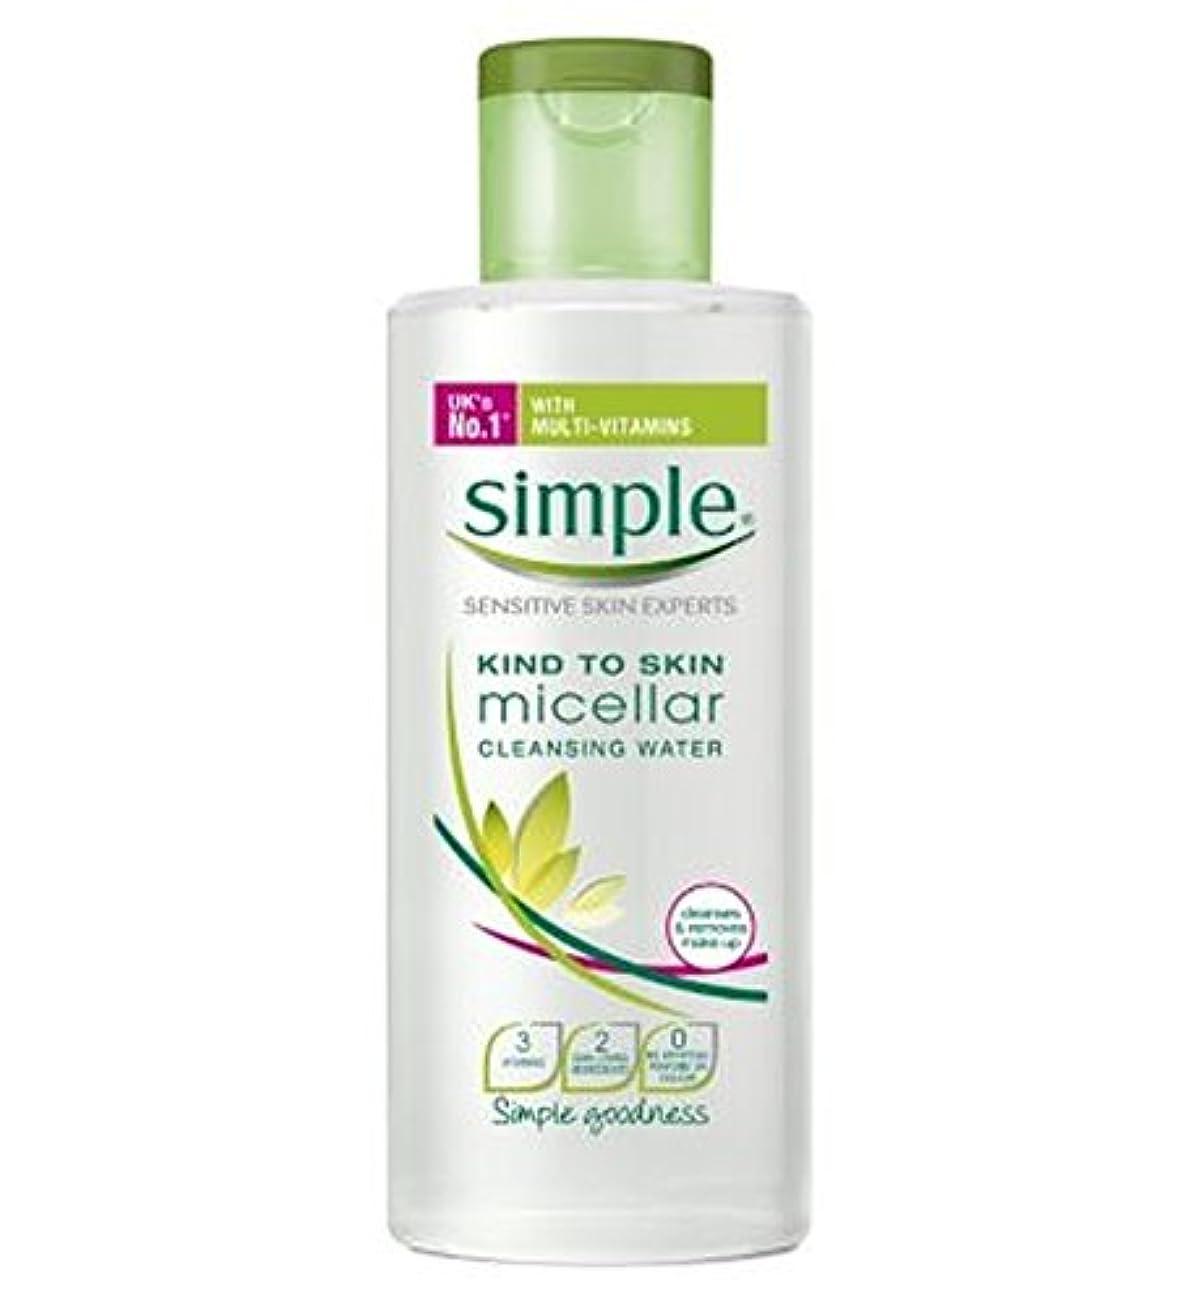 リズミカルなご予約モニター皮膚ミセル洗浄水200ミリリットルに簡単な種類 (Simple) (x2) - Simple Kind To Skin Micellar Cleansing Water 200ml (Pack of 2) [並行輸入品]